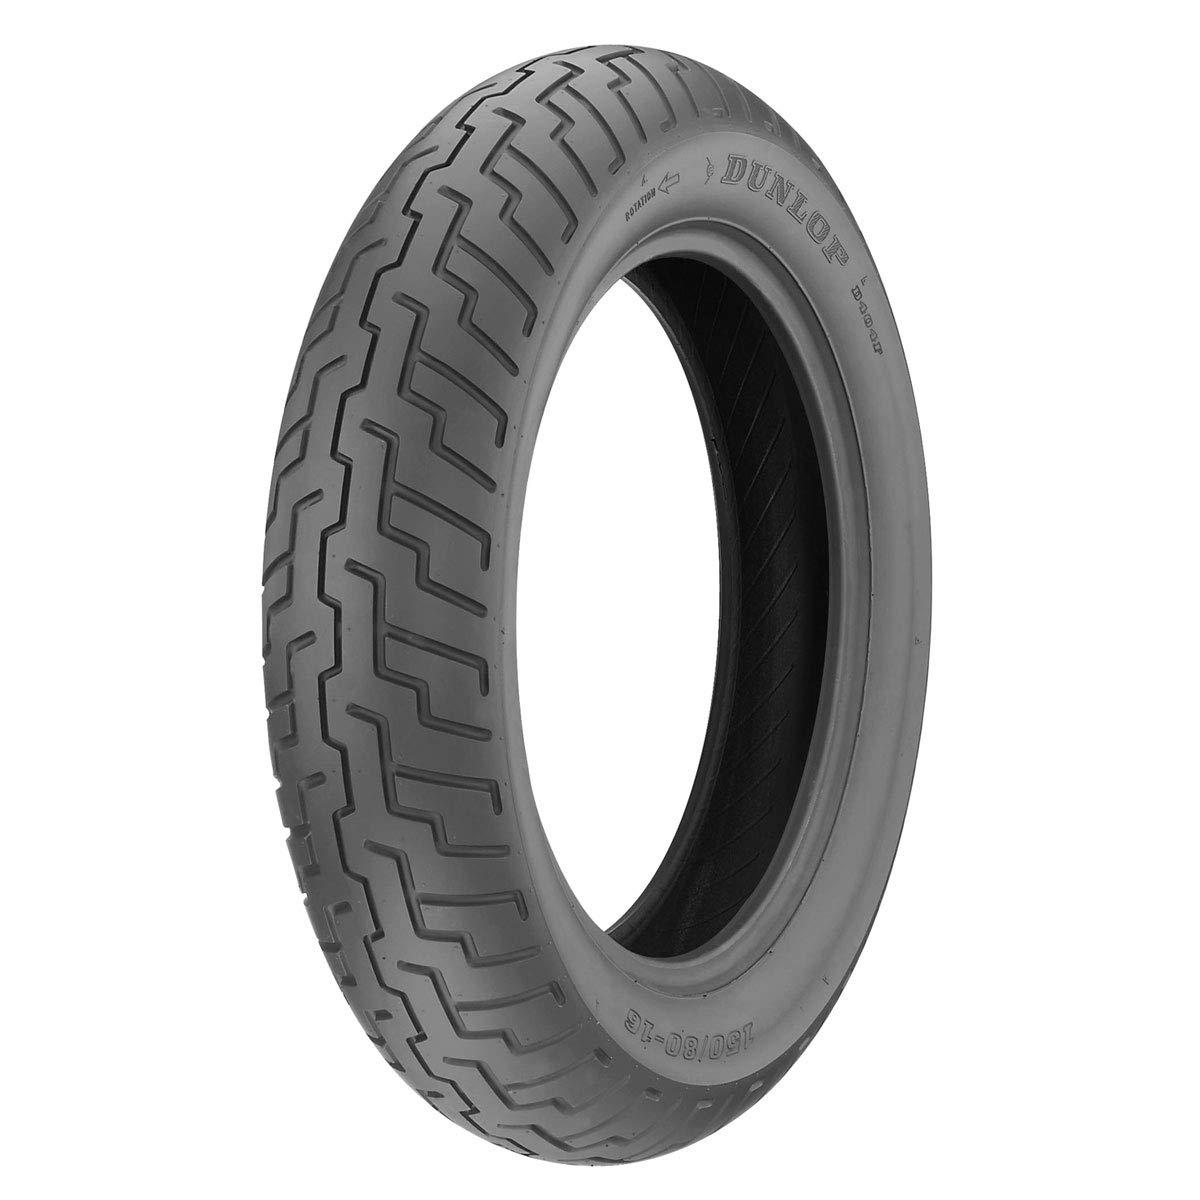 Dunlop D404 110/90-19 Front Tire 32NK-31